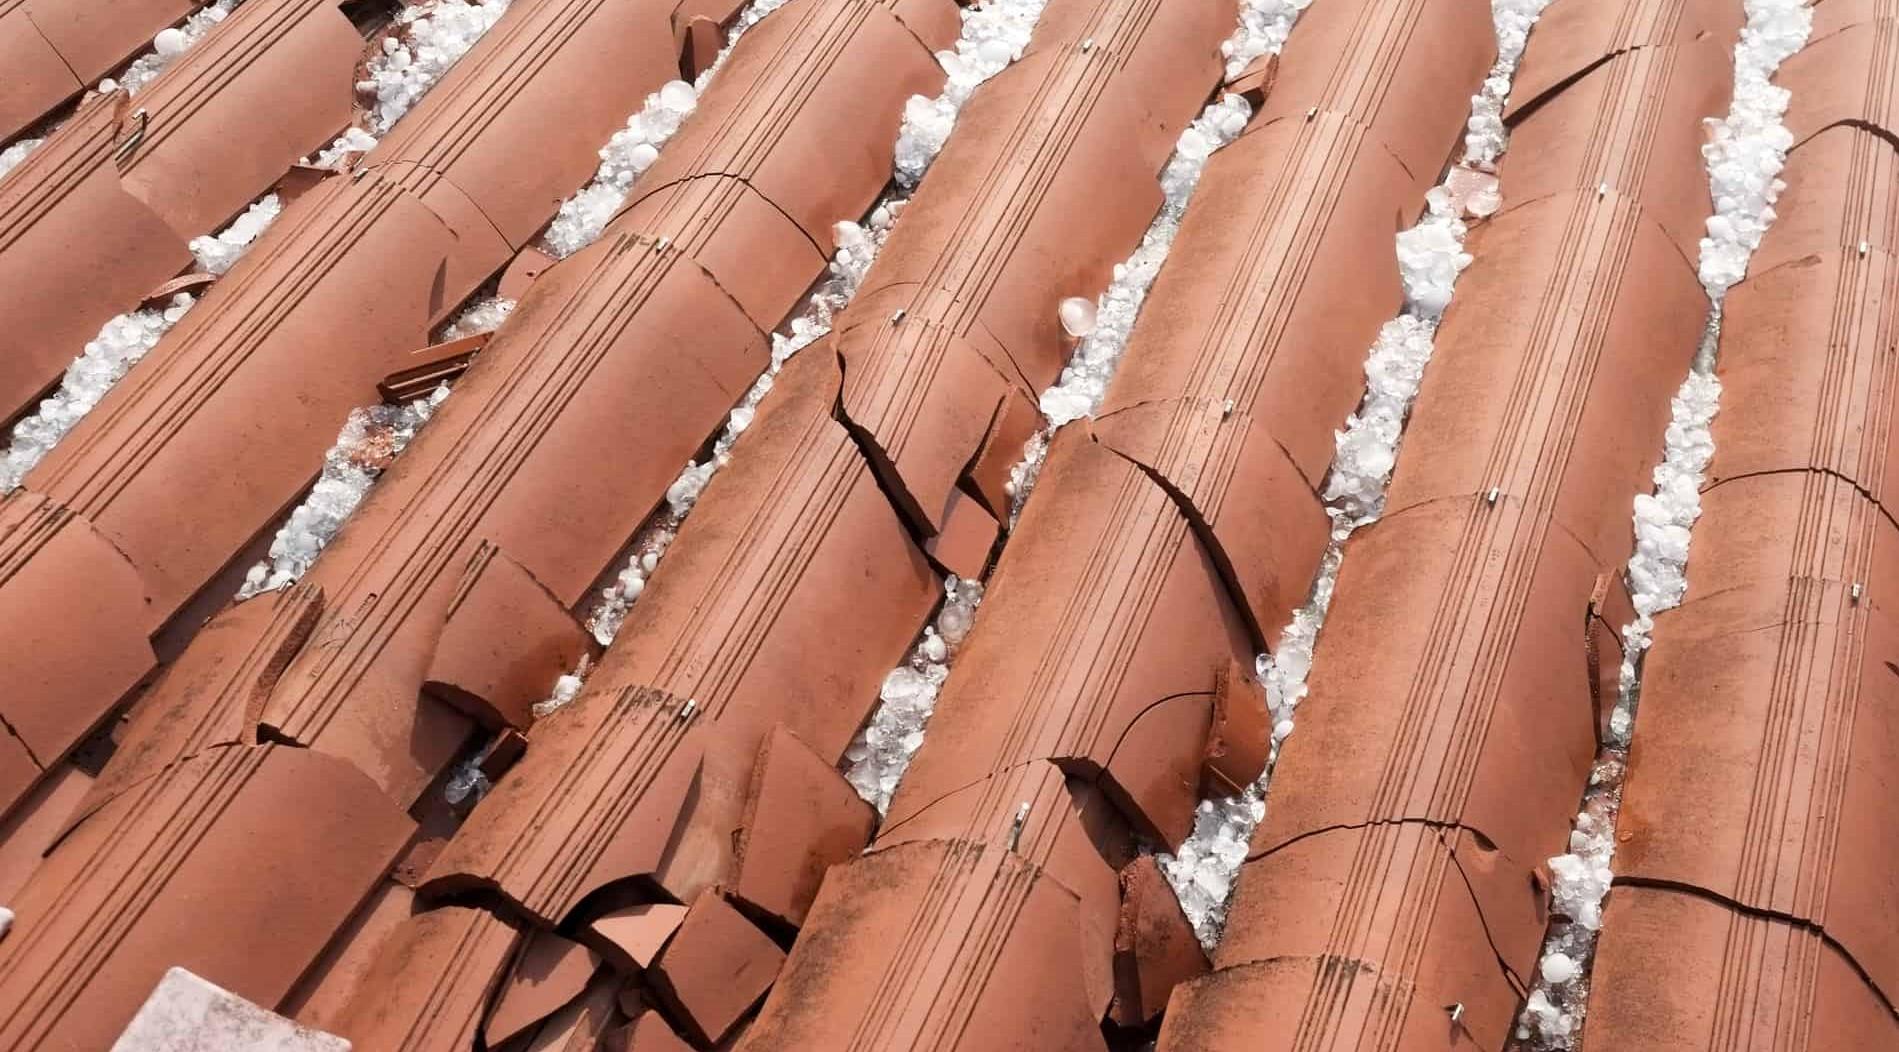 Hail Damage Roof Insurance Claim